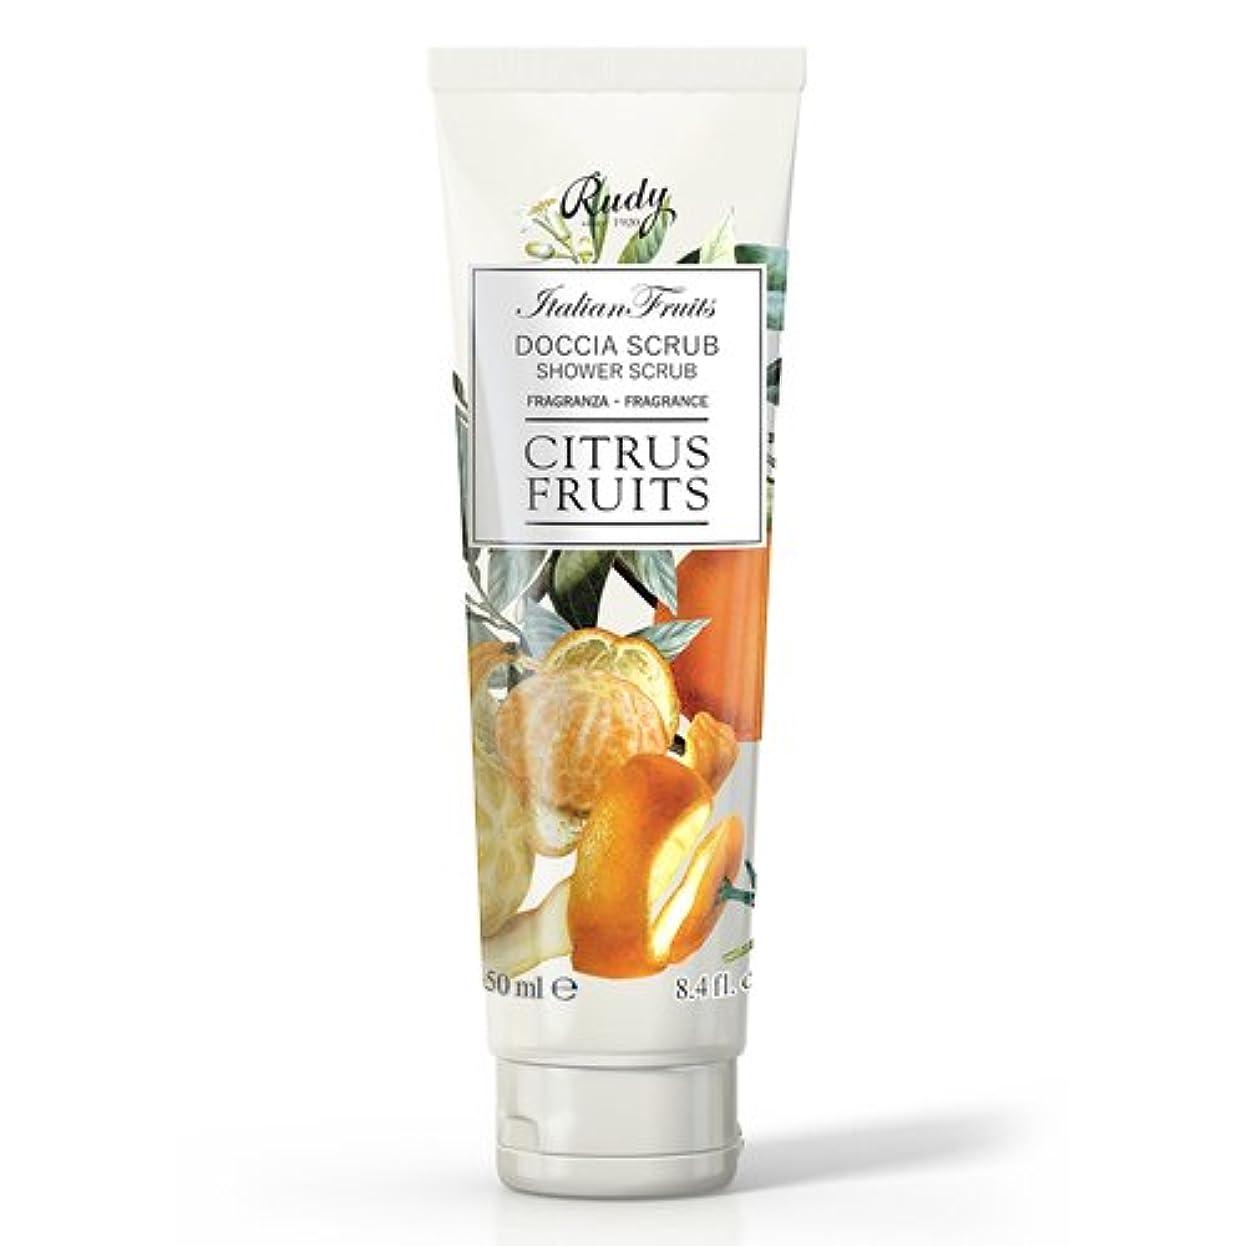 ミント前方へやさしくRUDY Italian Fruits Series ルディ イタリアンフルーツ Shower Scrub シャワースクラブ Citrus Fruits